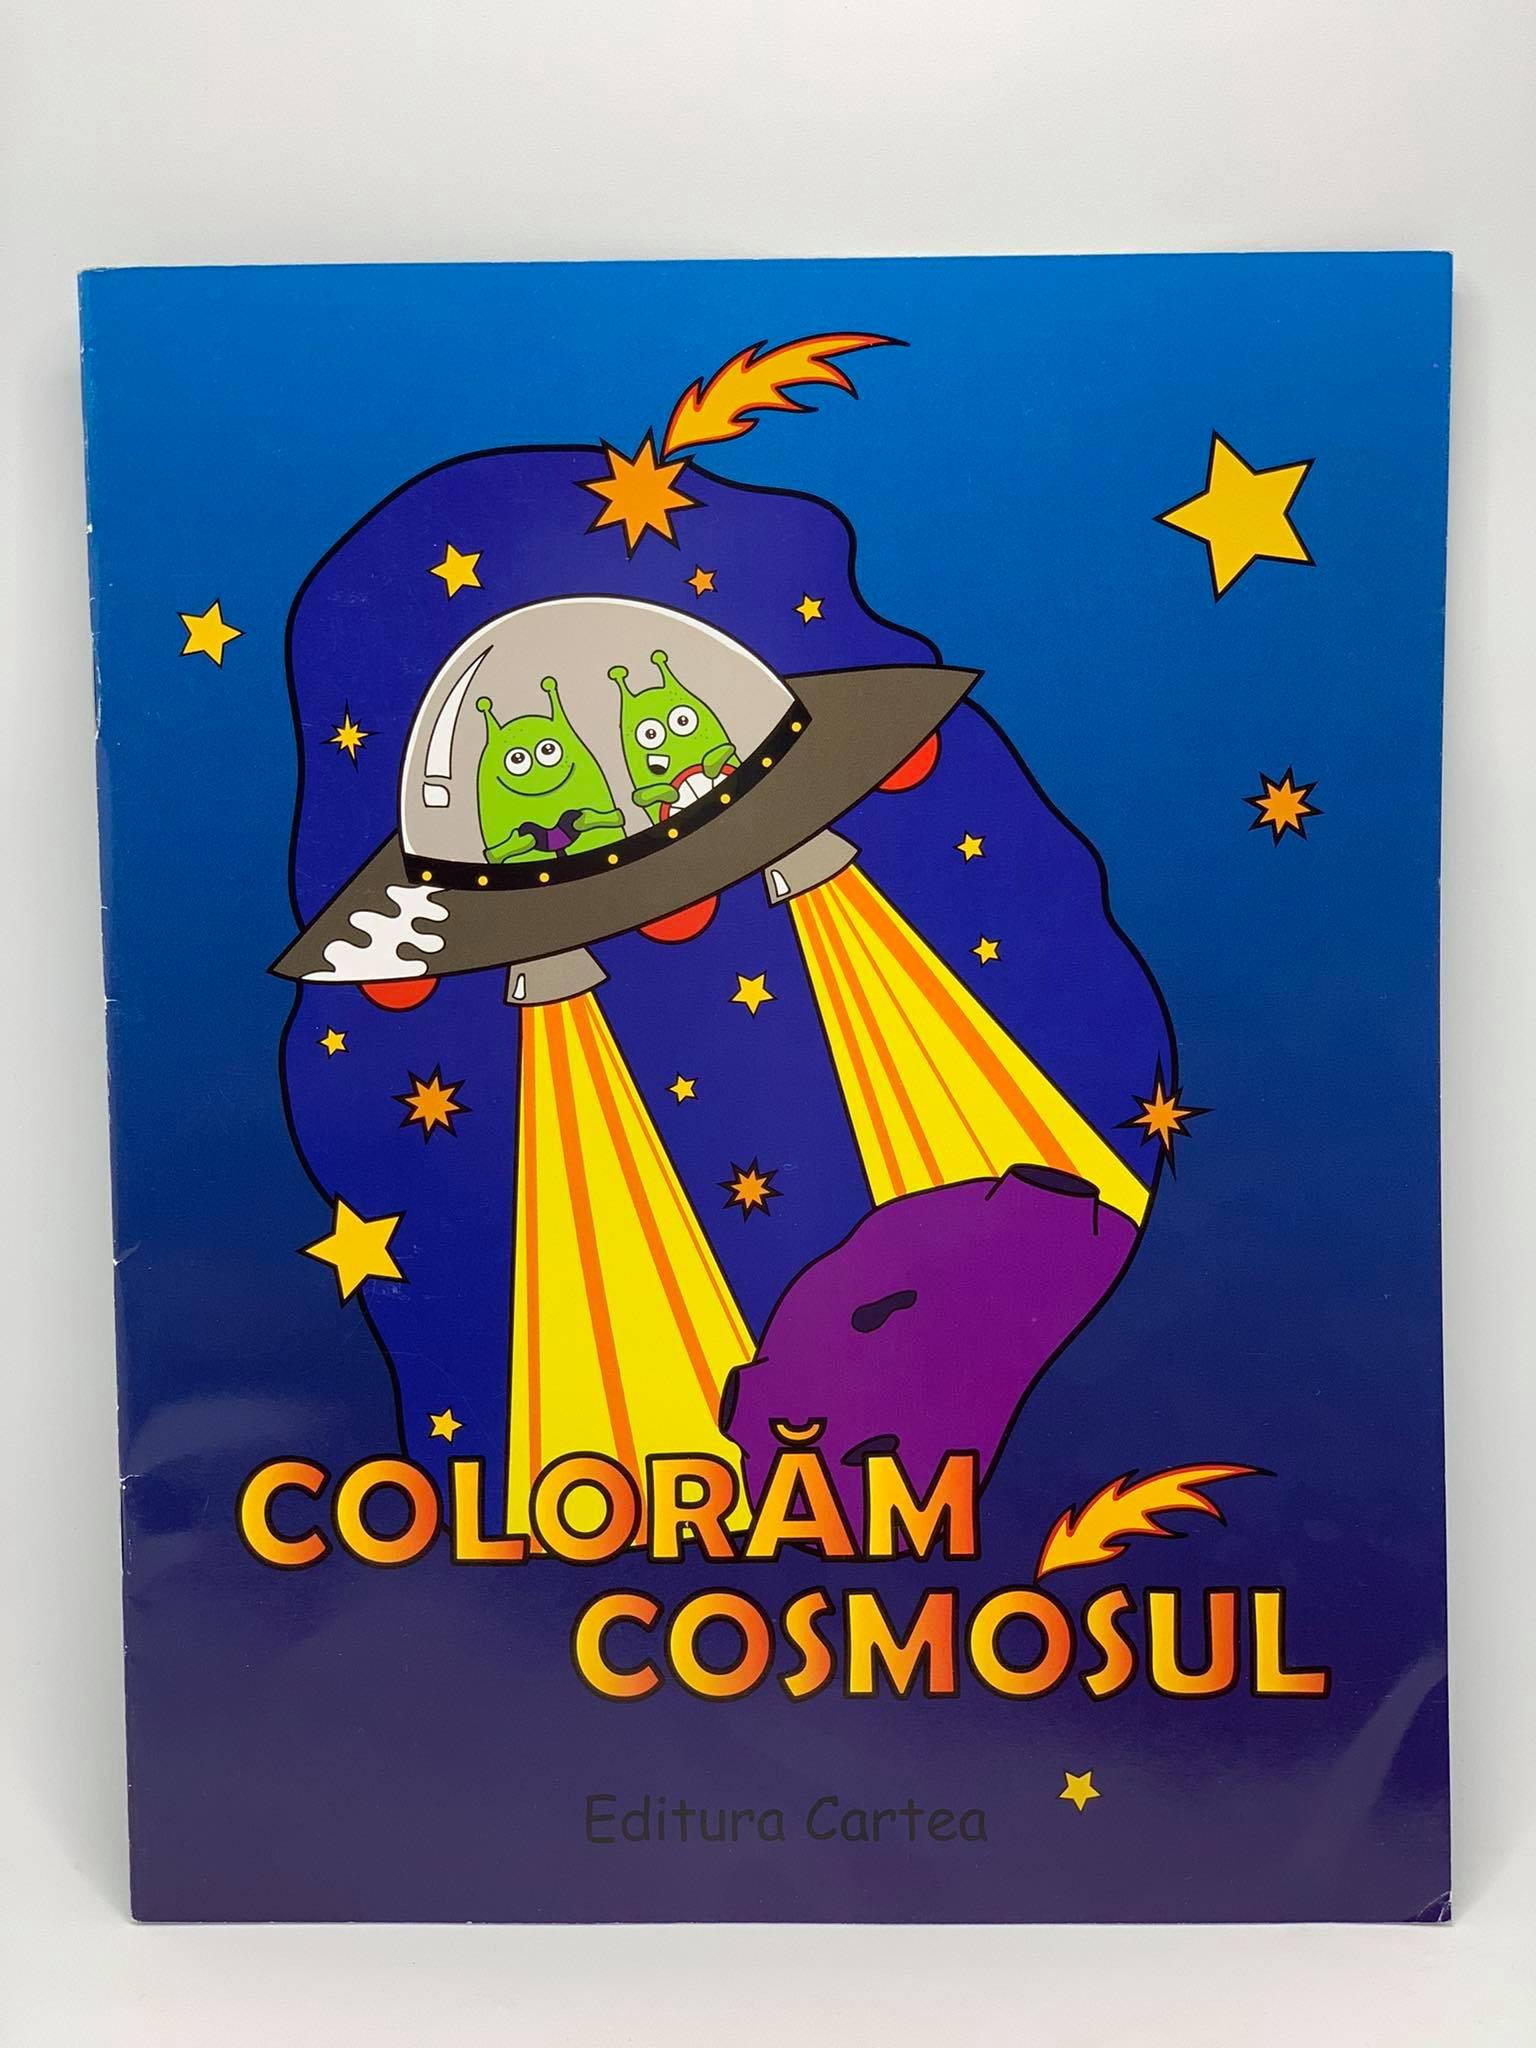 Coloram cosmosul